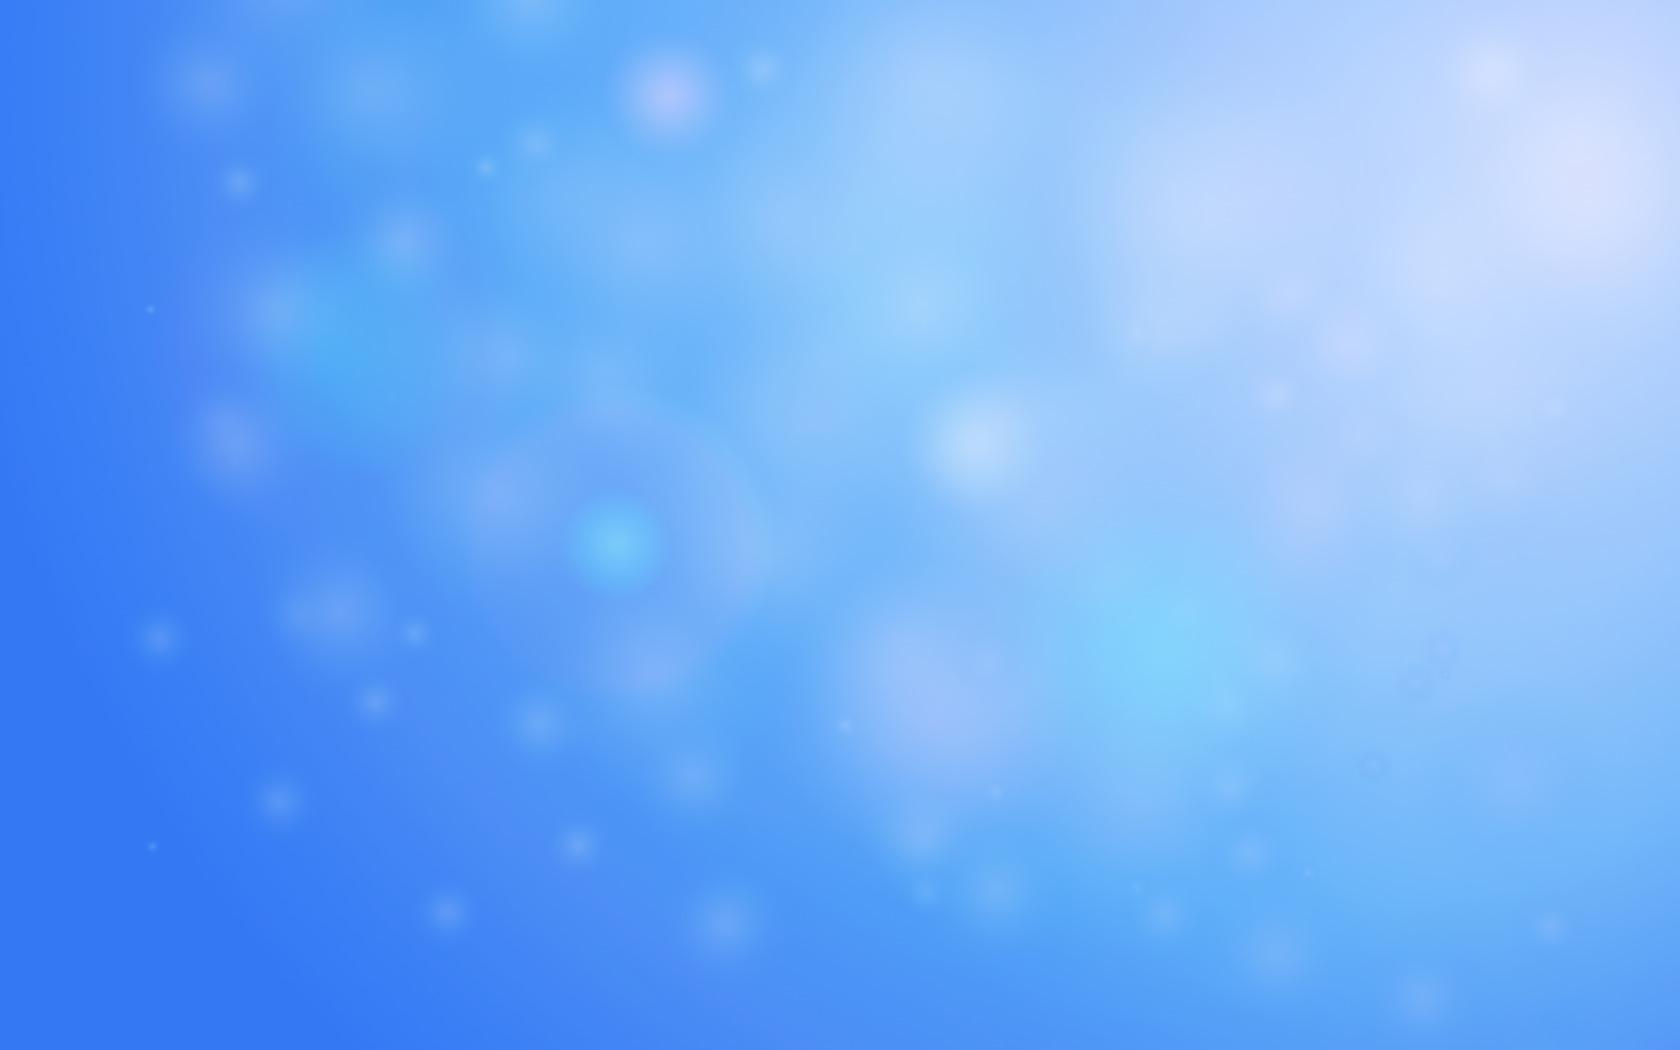 Wave Wallpaper High Resolution Blue Theme Wallpaper -...